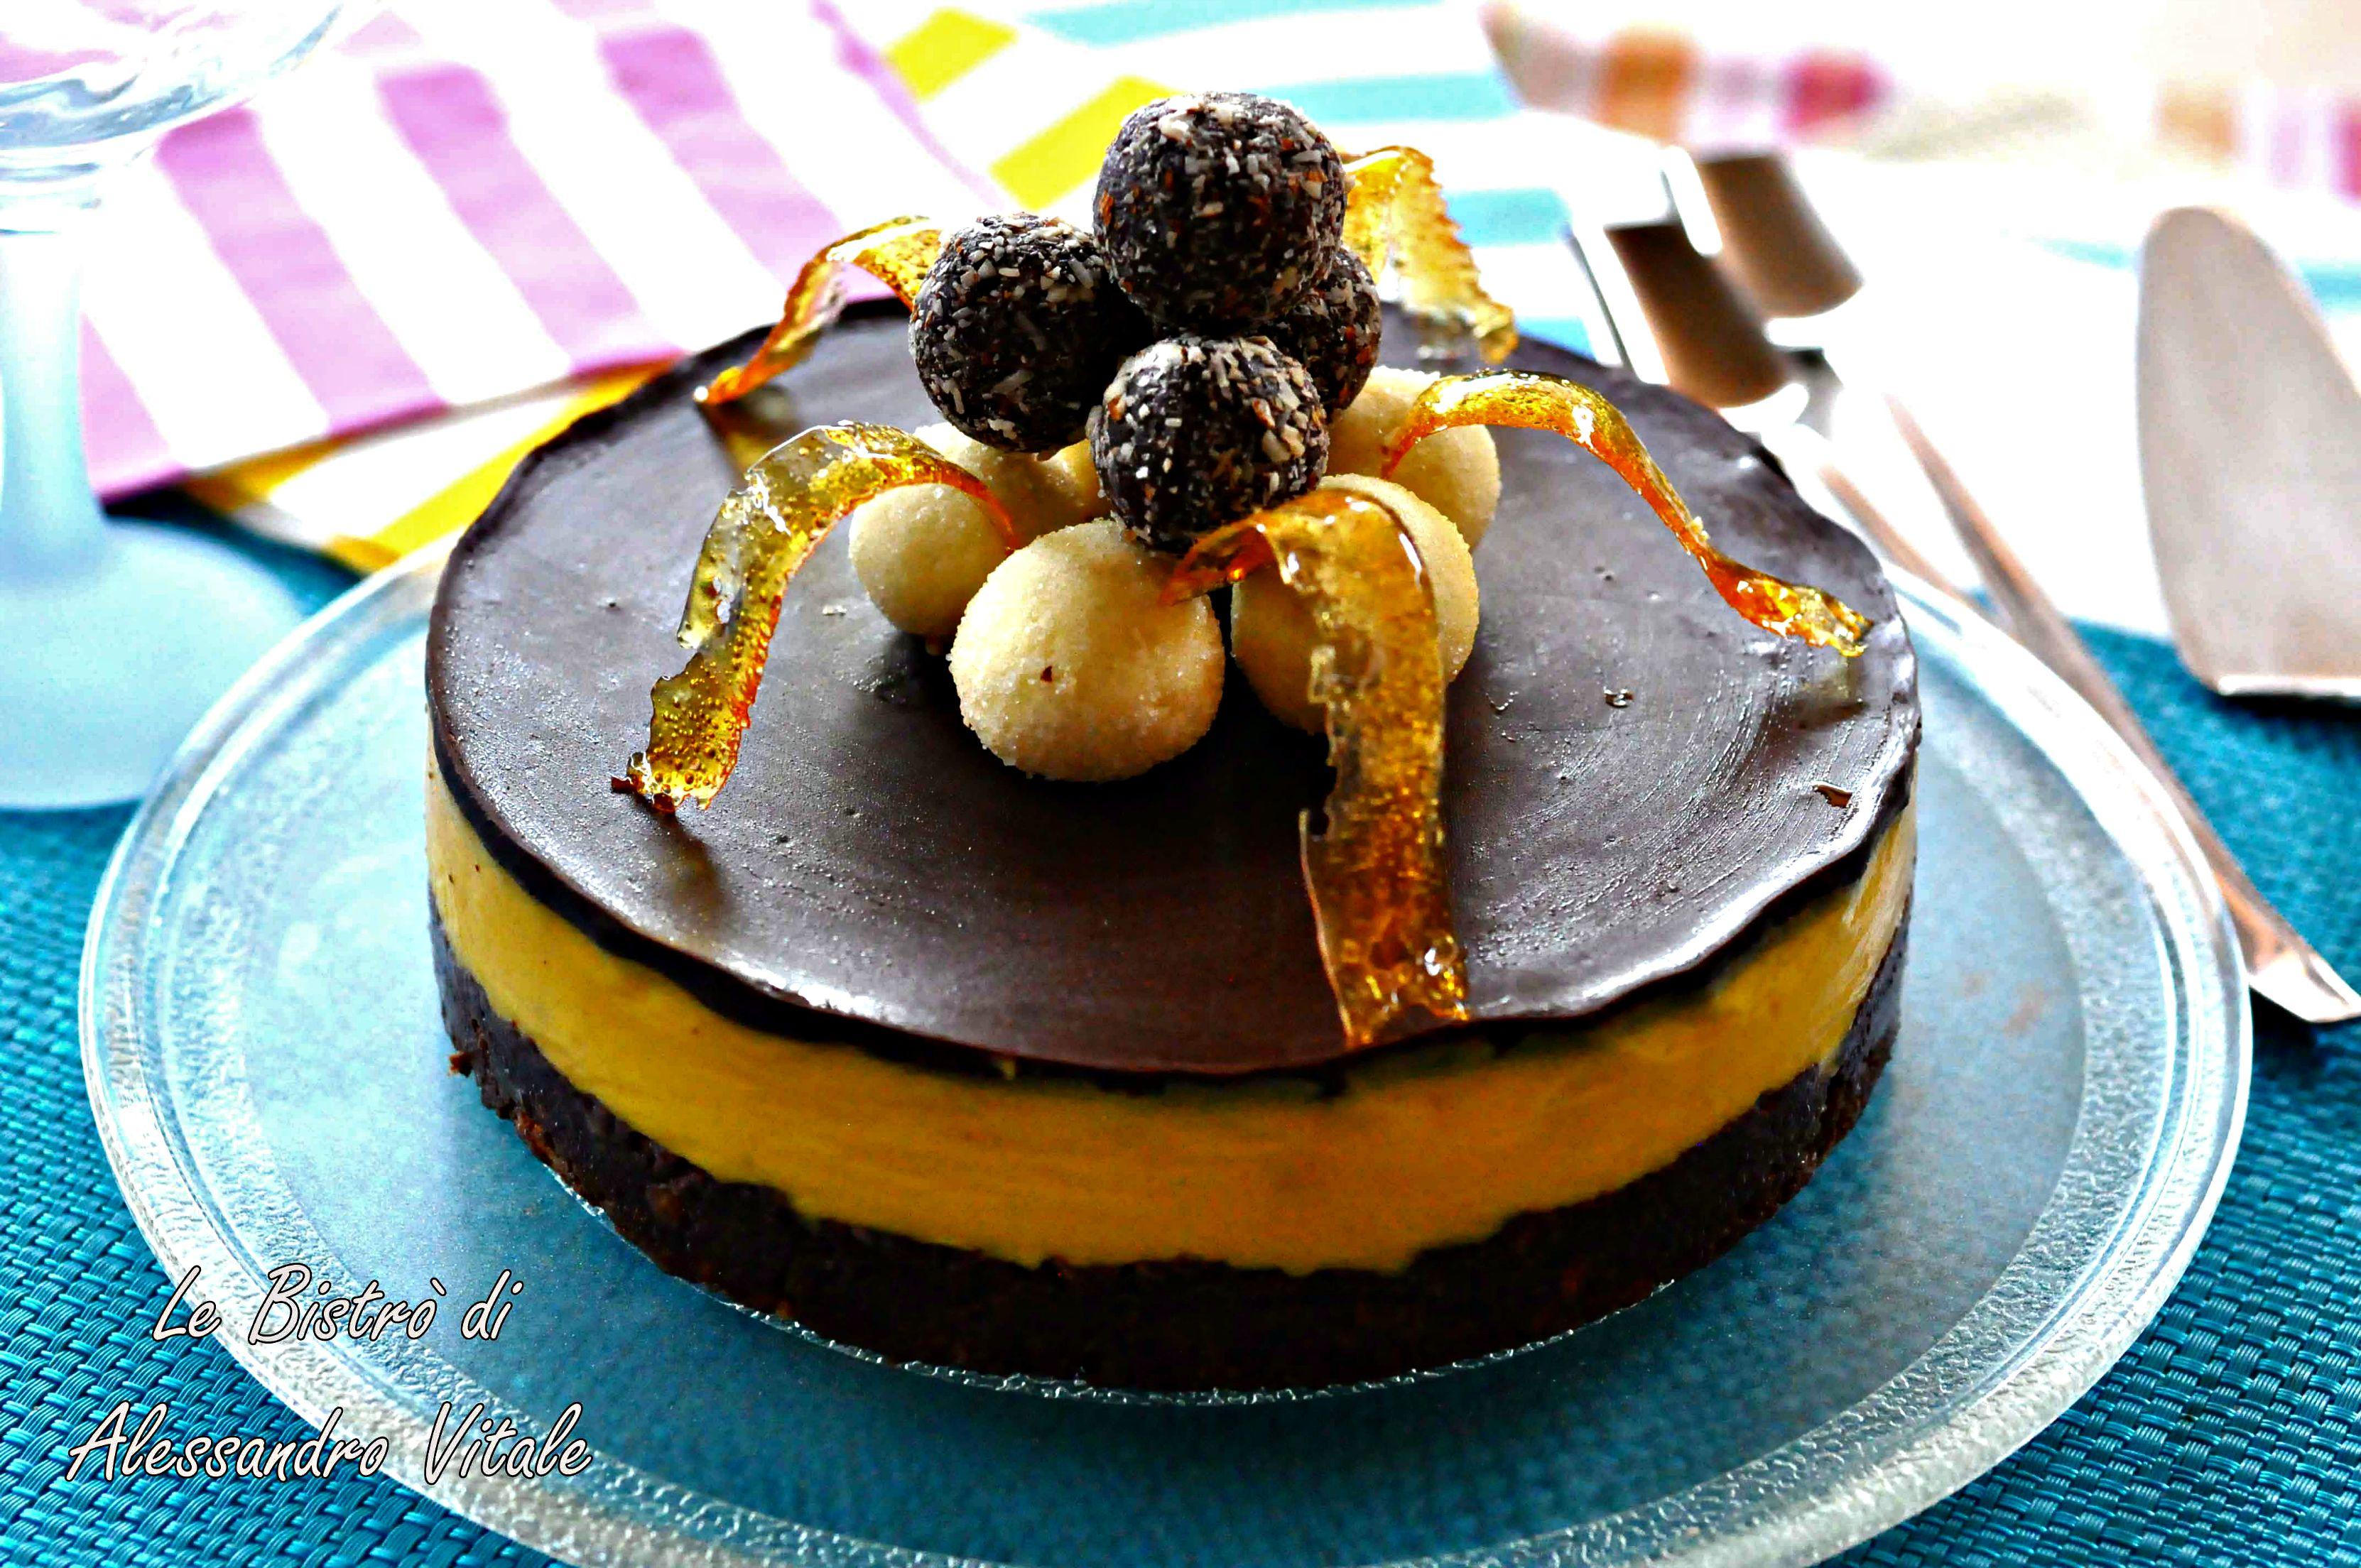 Torta al cioccolato e crema inglese ricetta dolce - Bagno per torte senza liquore ...